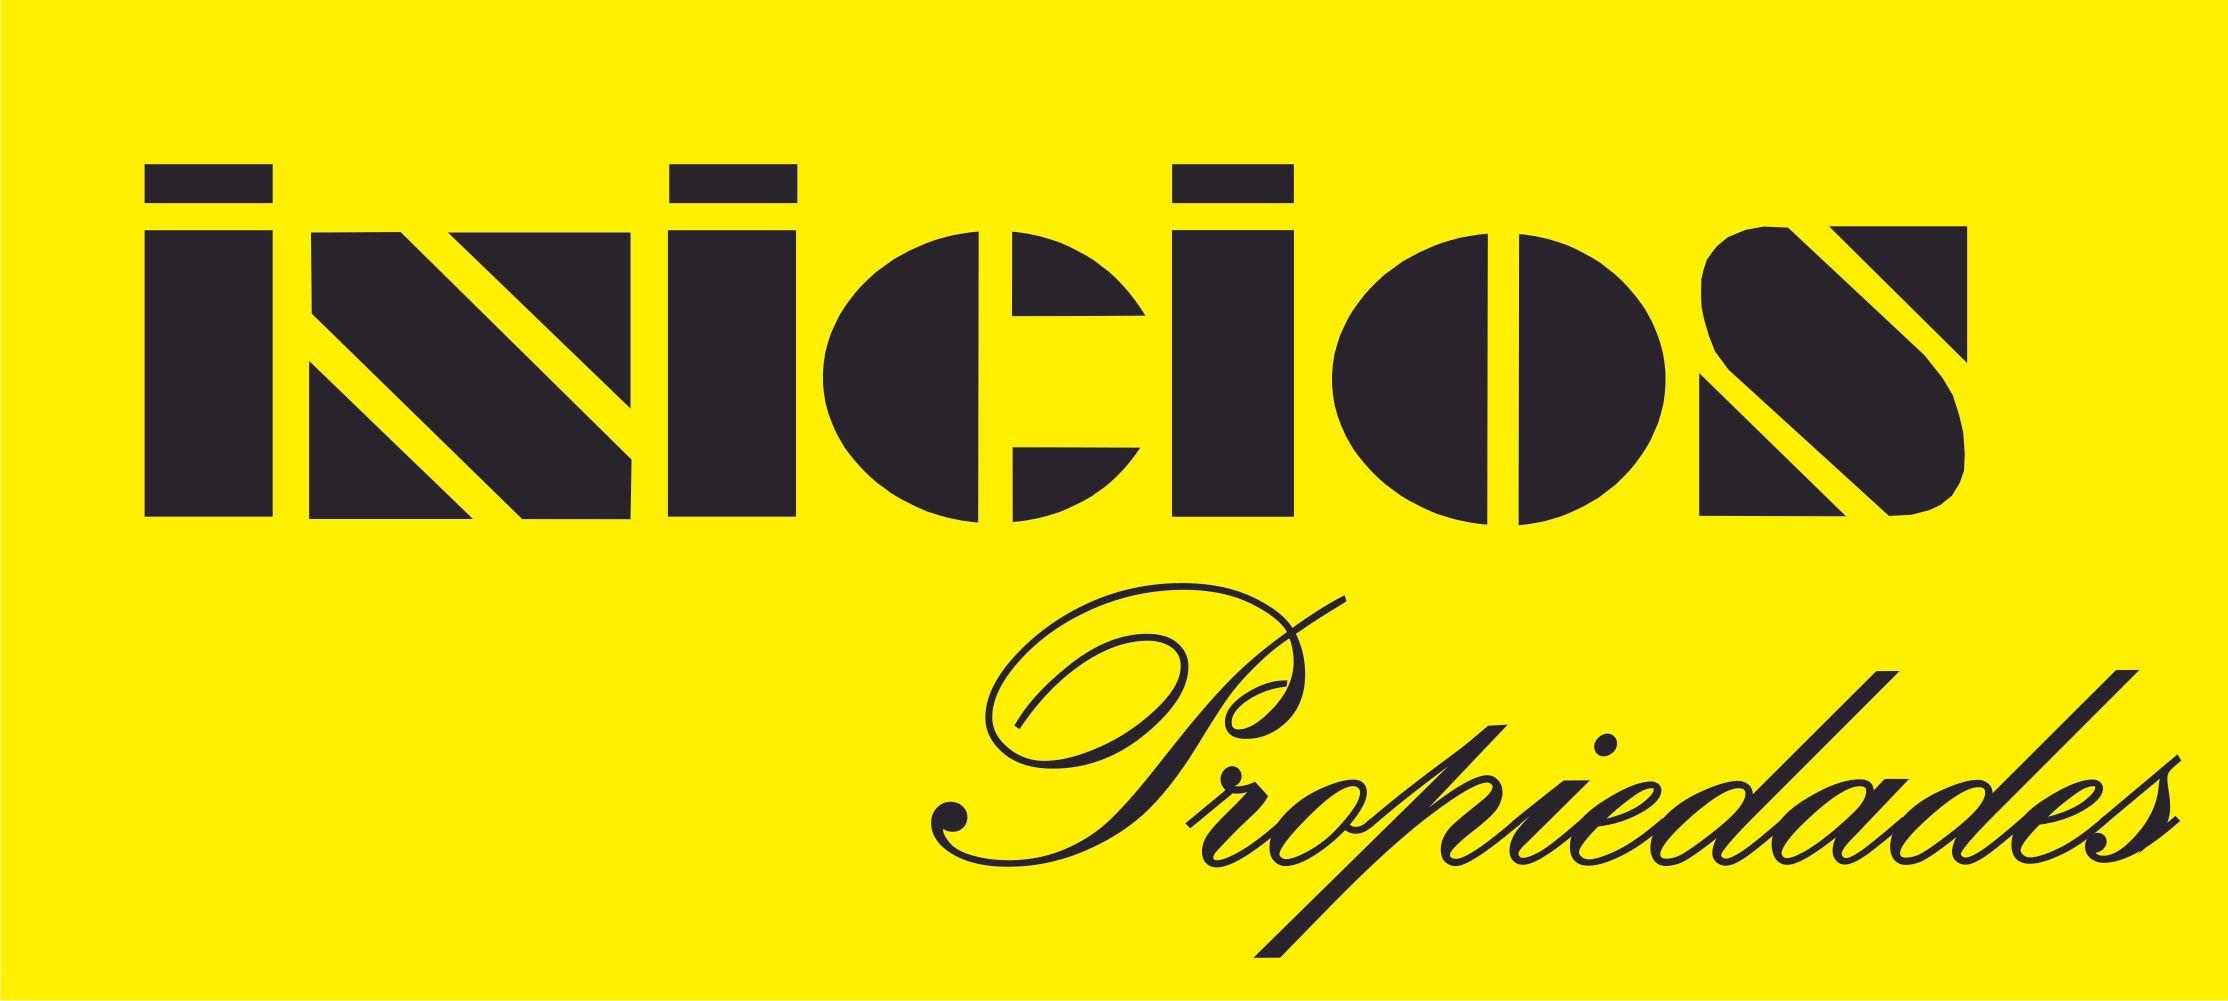 Logo de  Iniciospropiedades